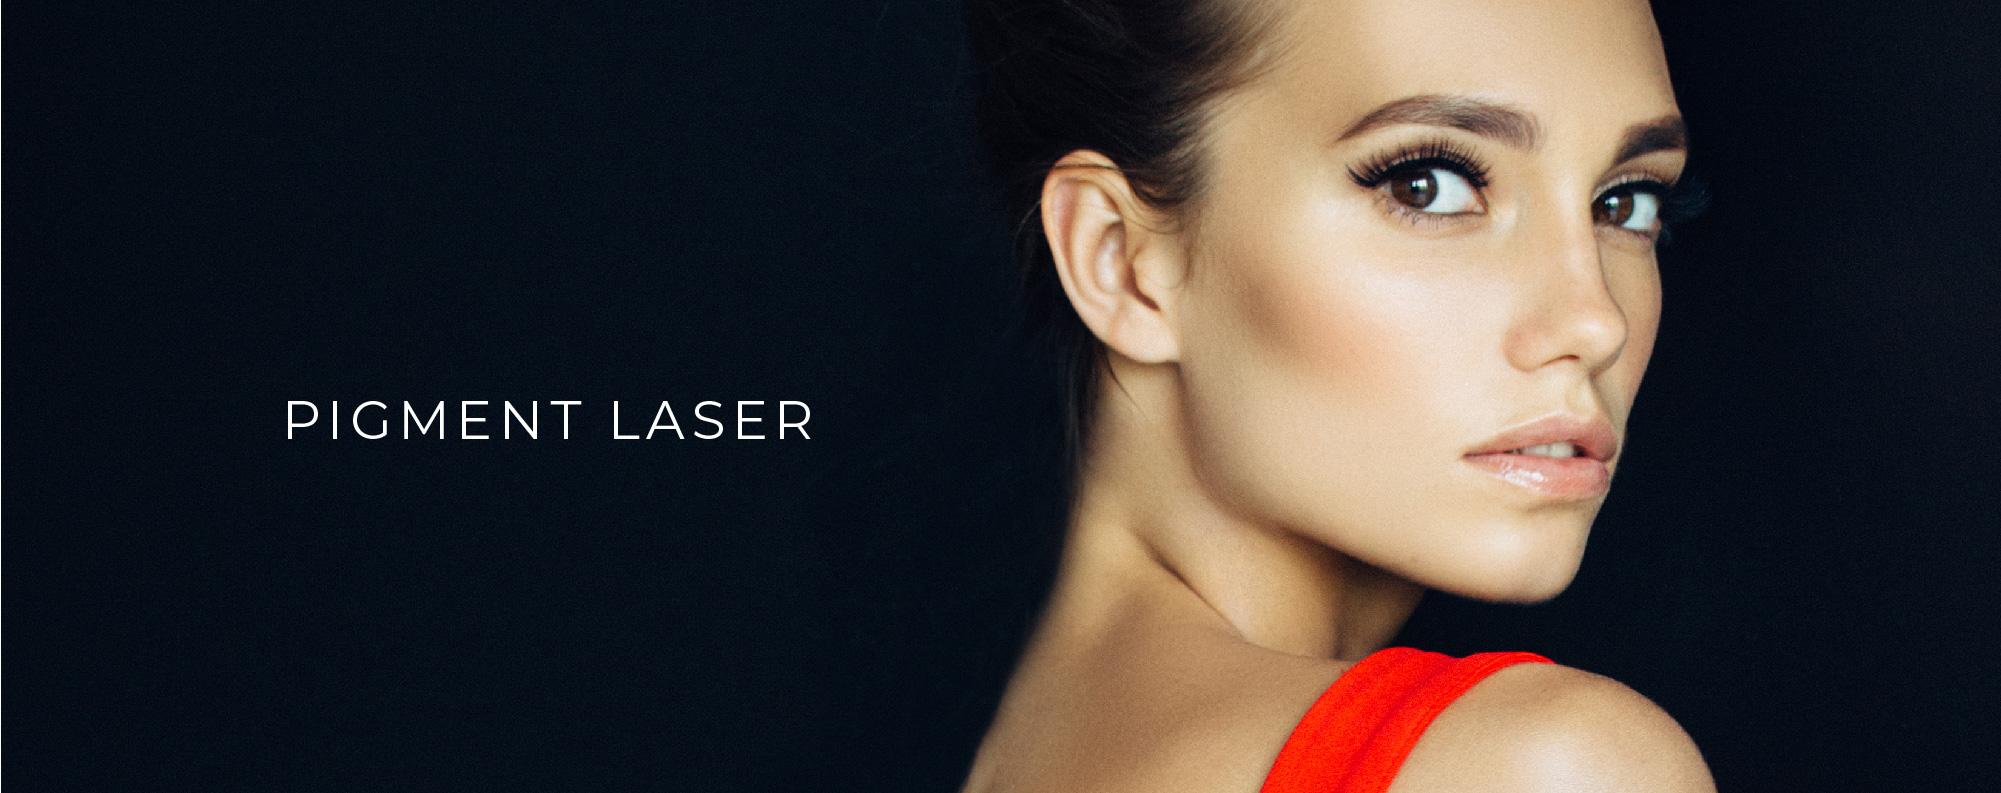 Pigment Laser